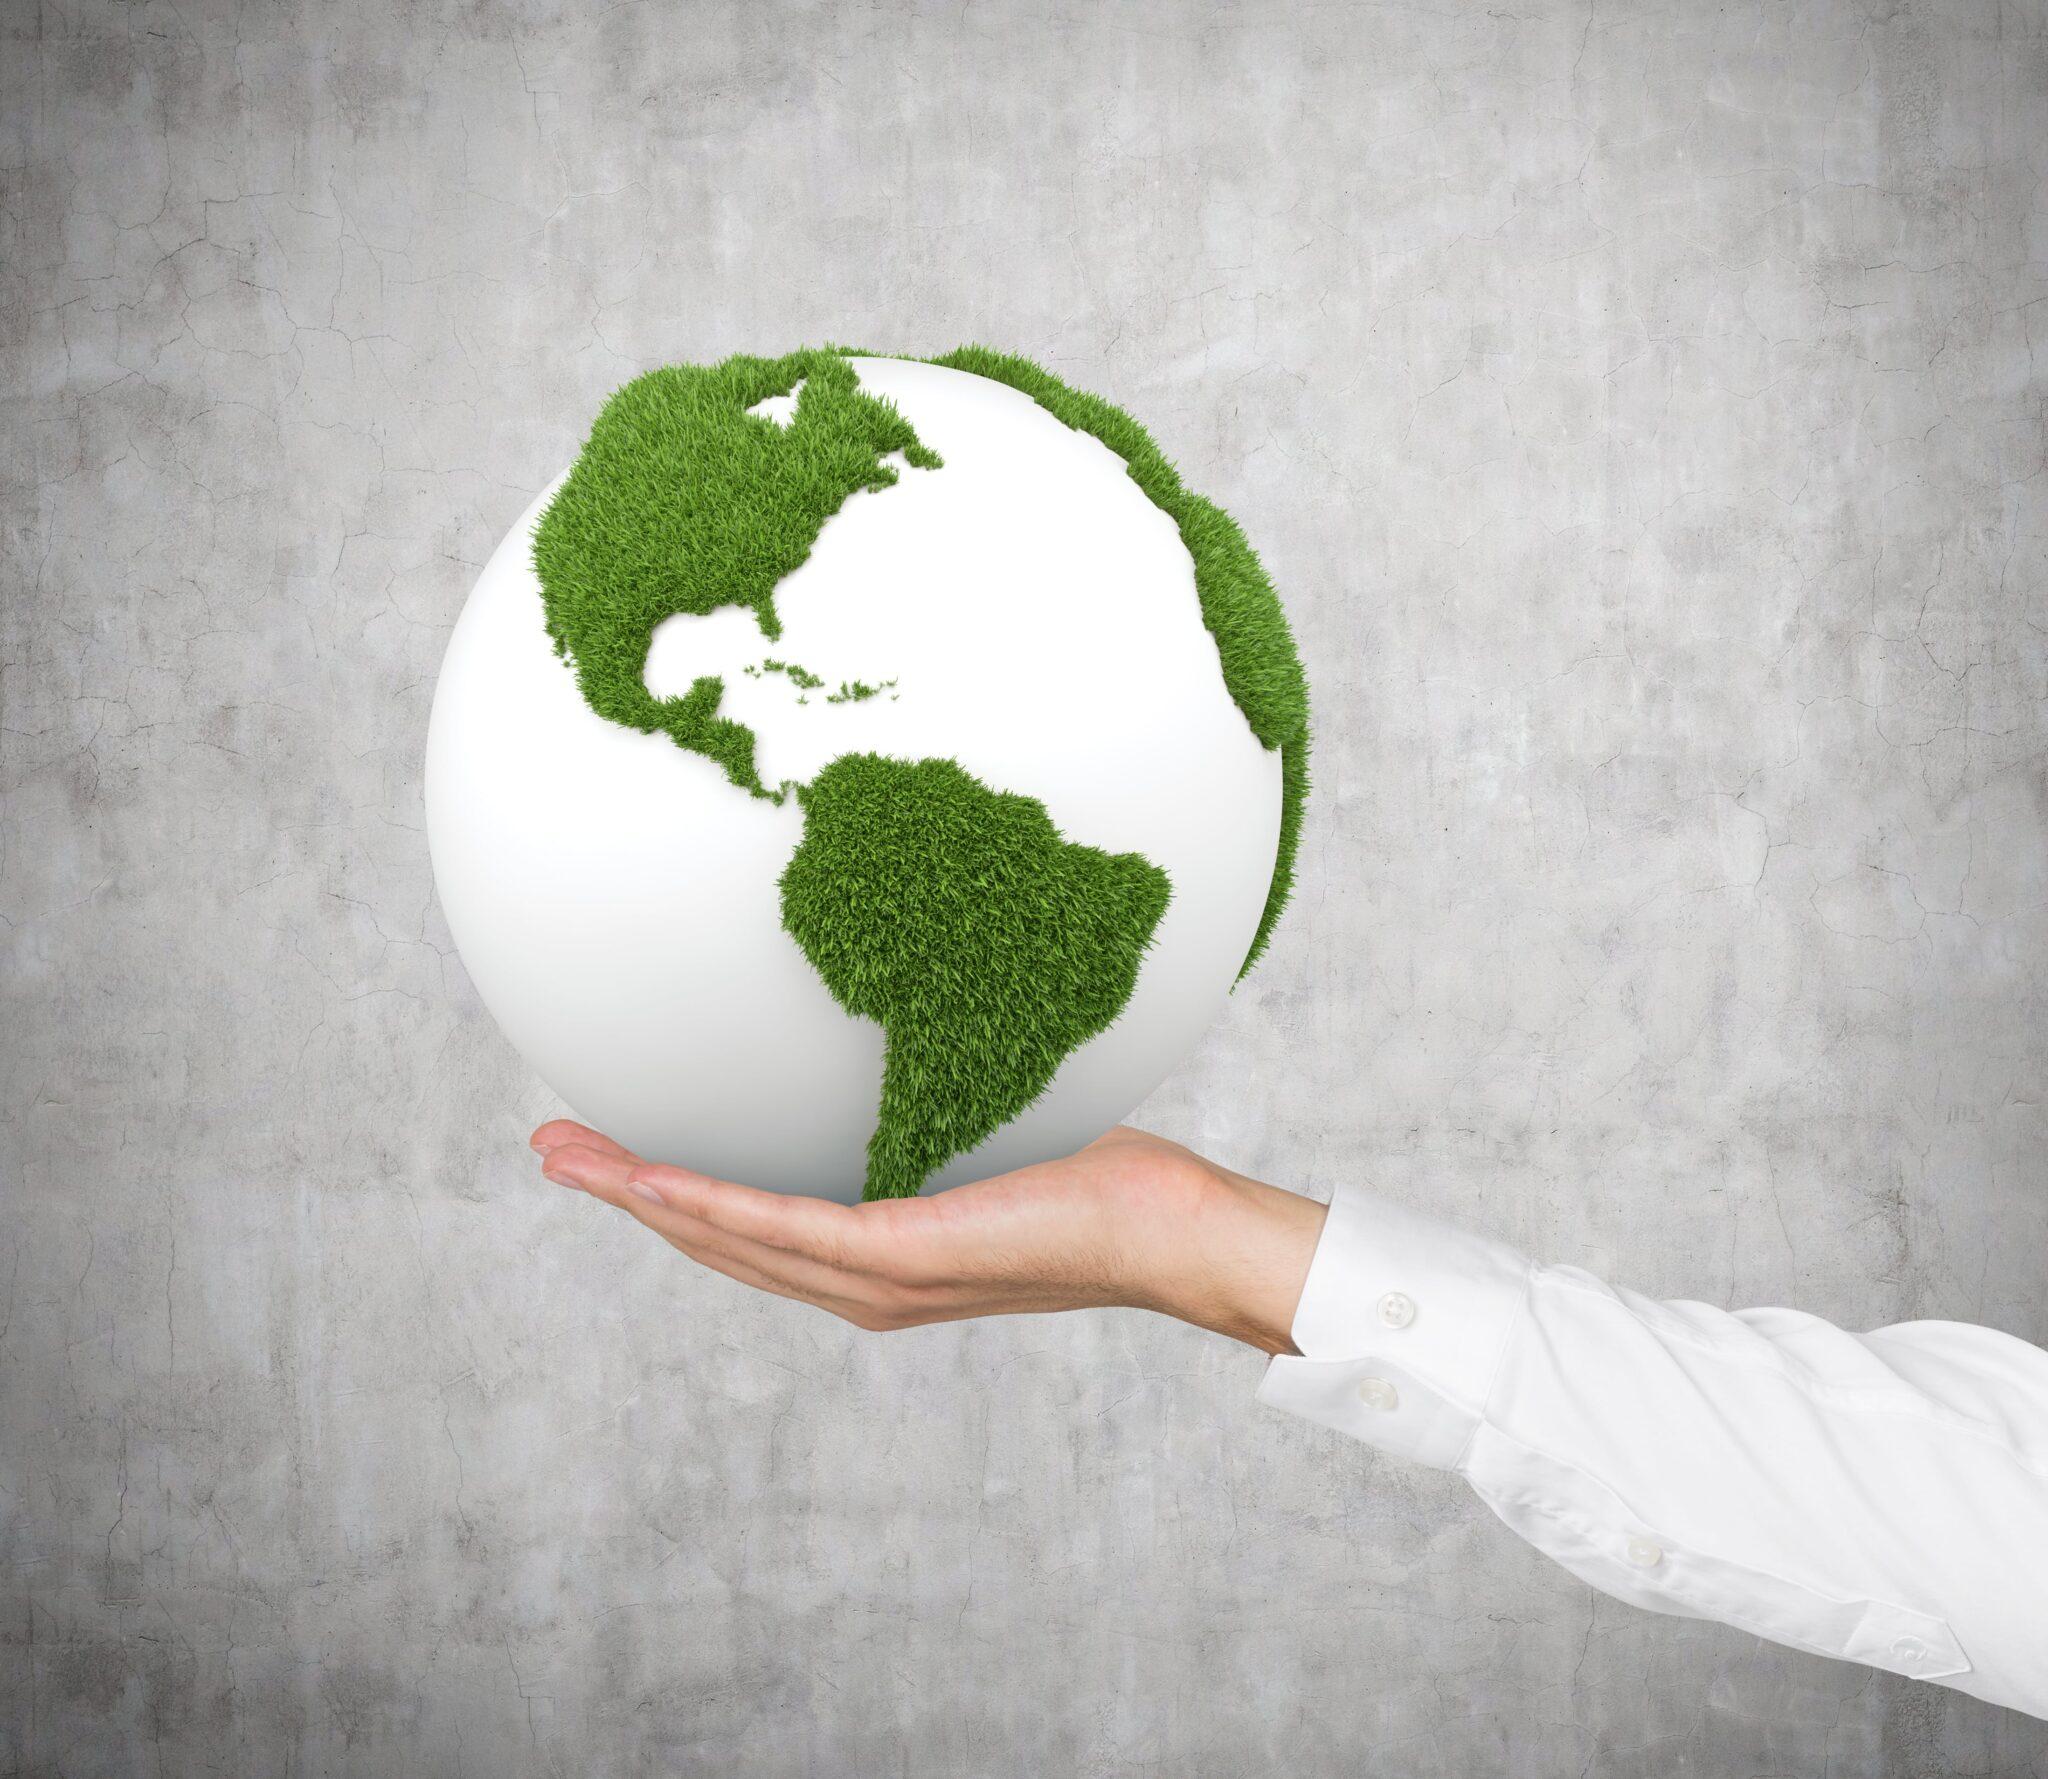 Hånd med grøn globus